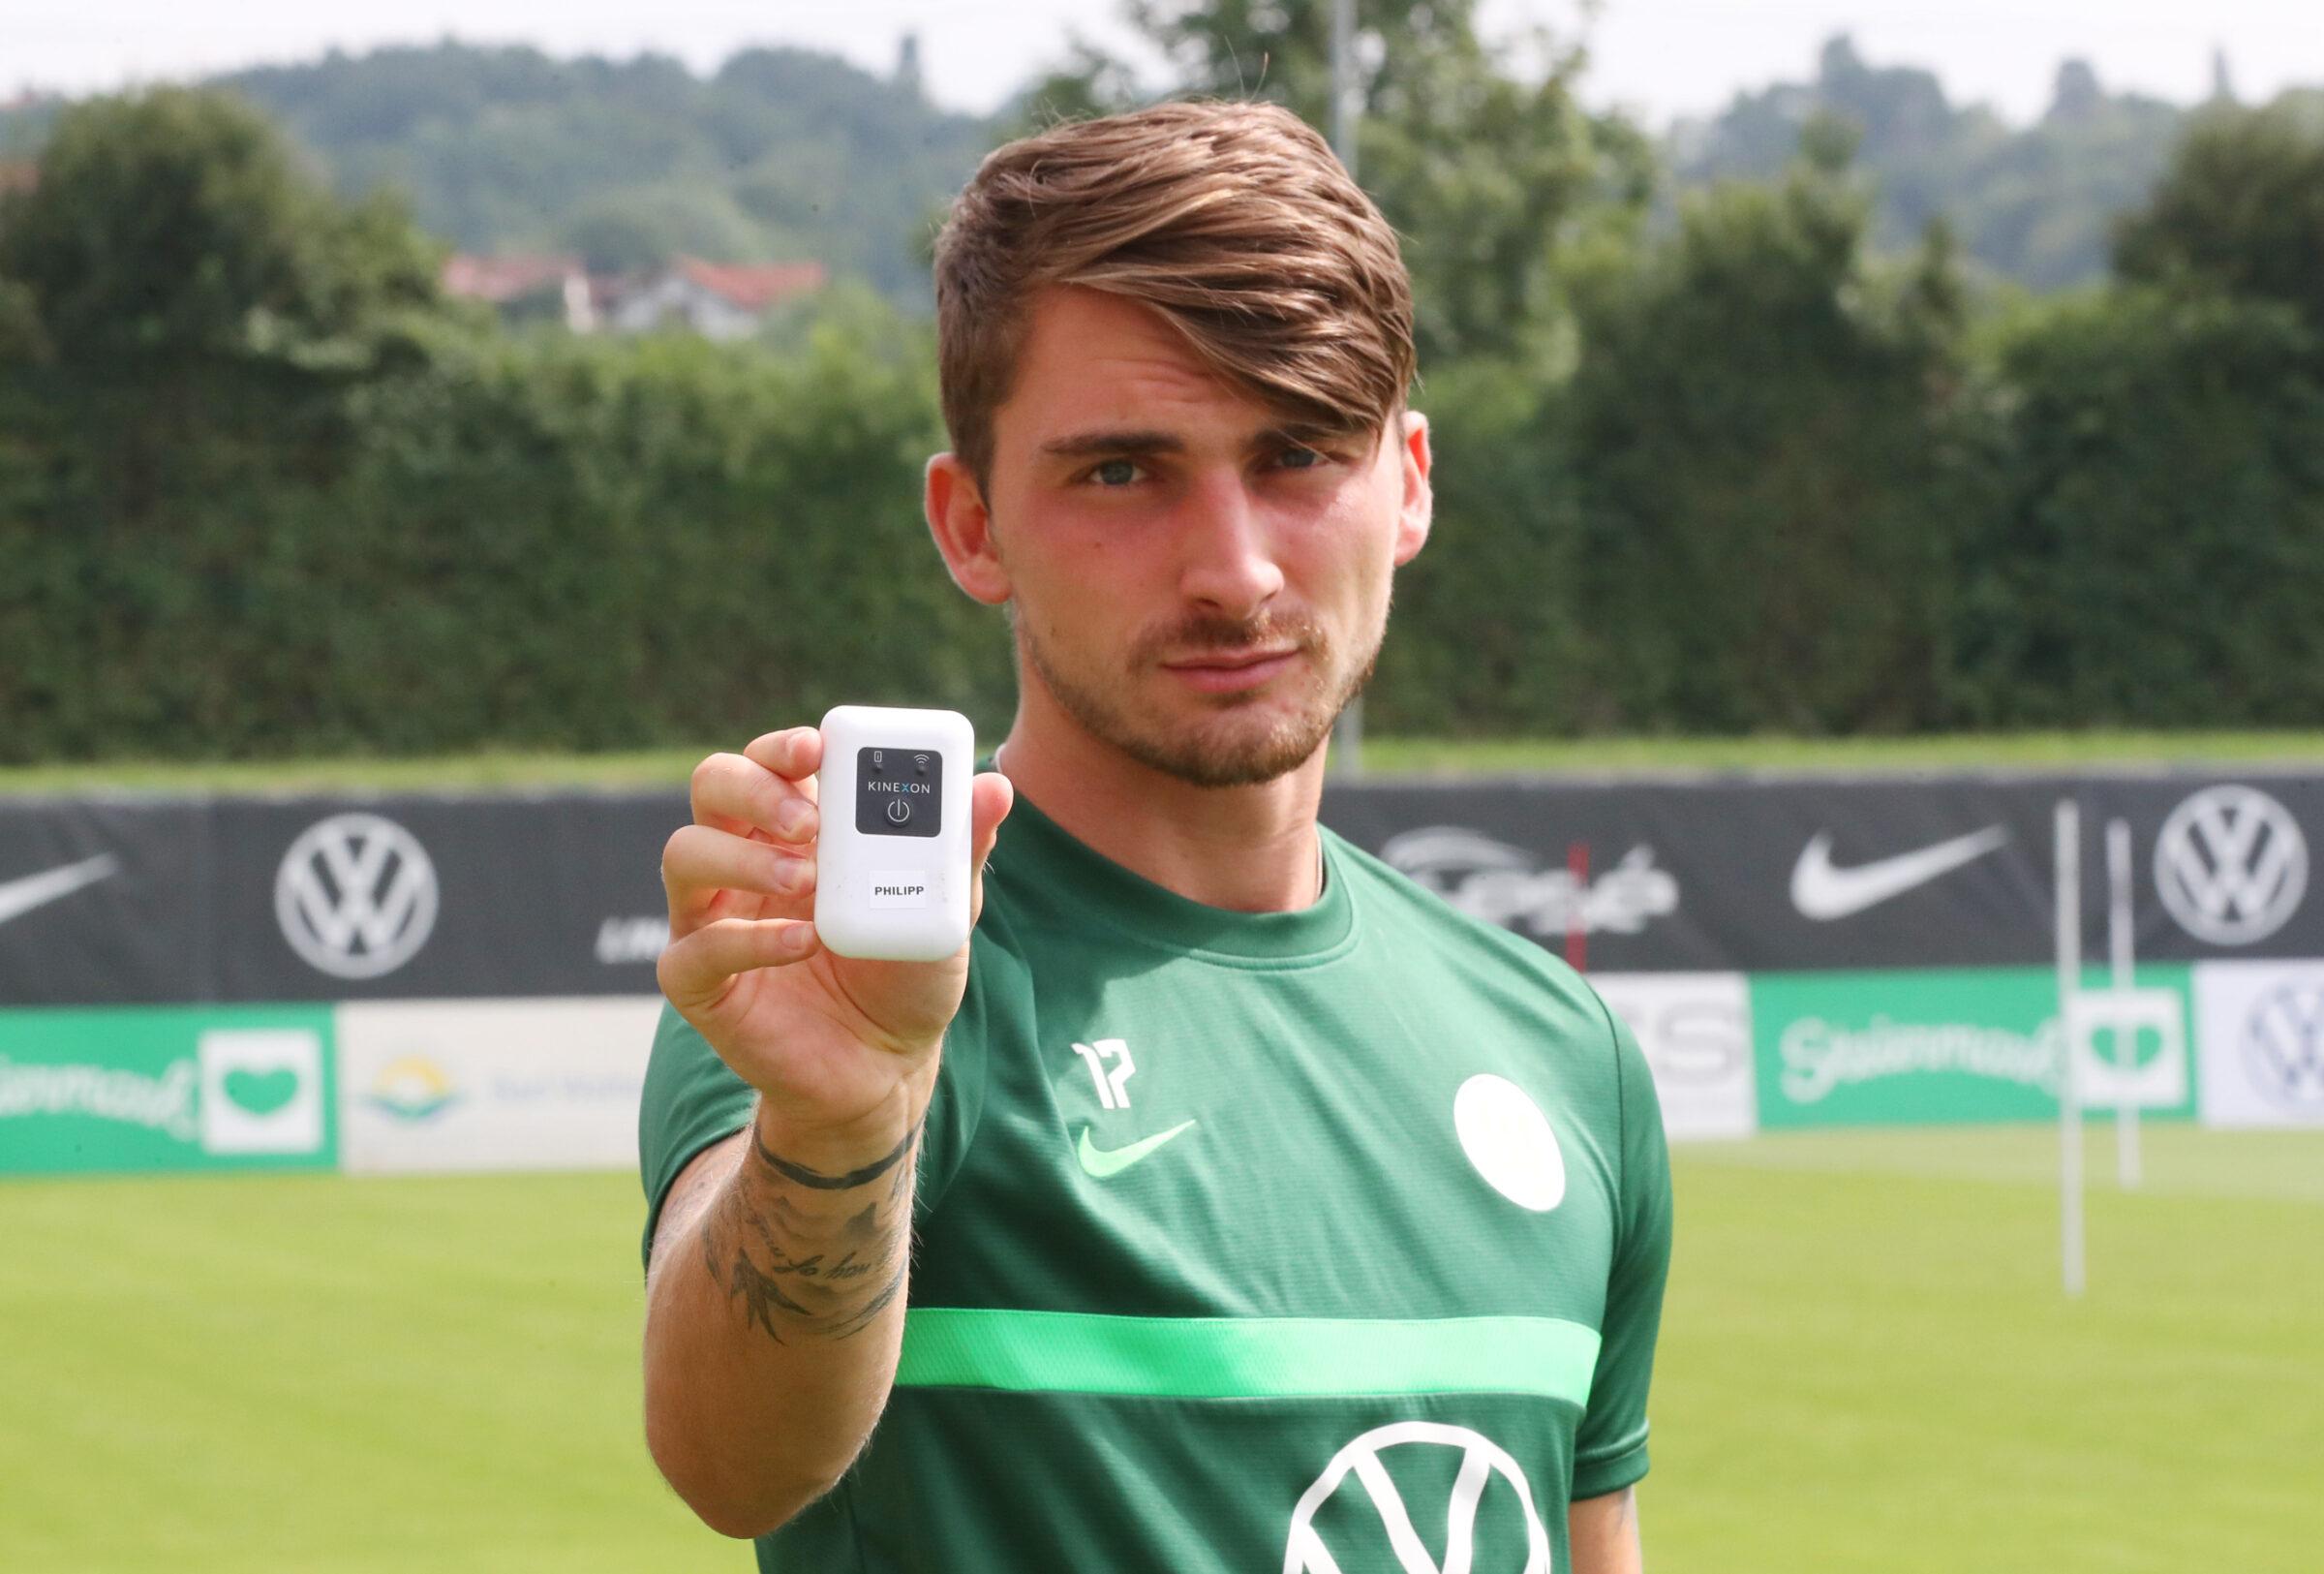 Maximilian Philipp from VfL Wolfsburg showing KINEXON sensor